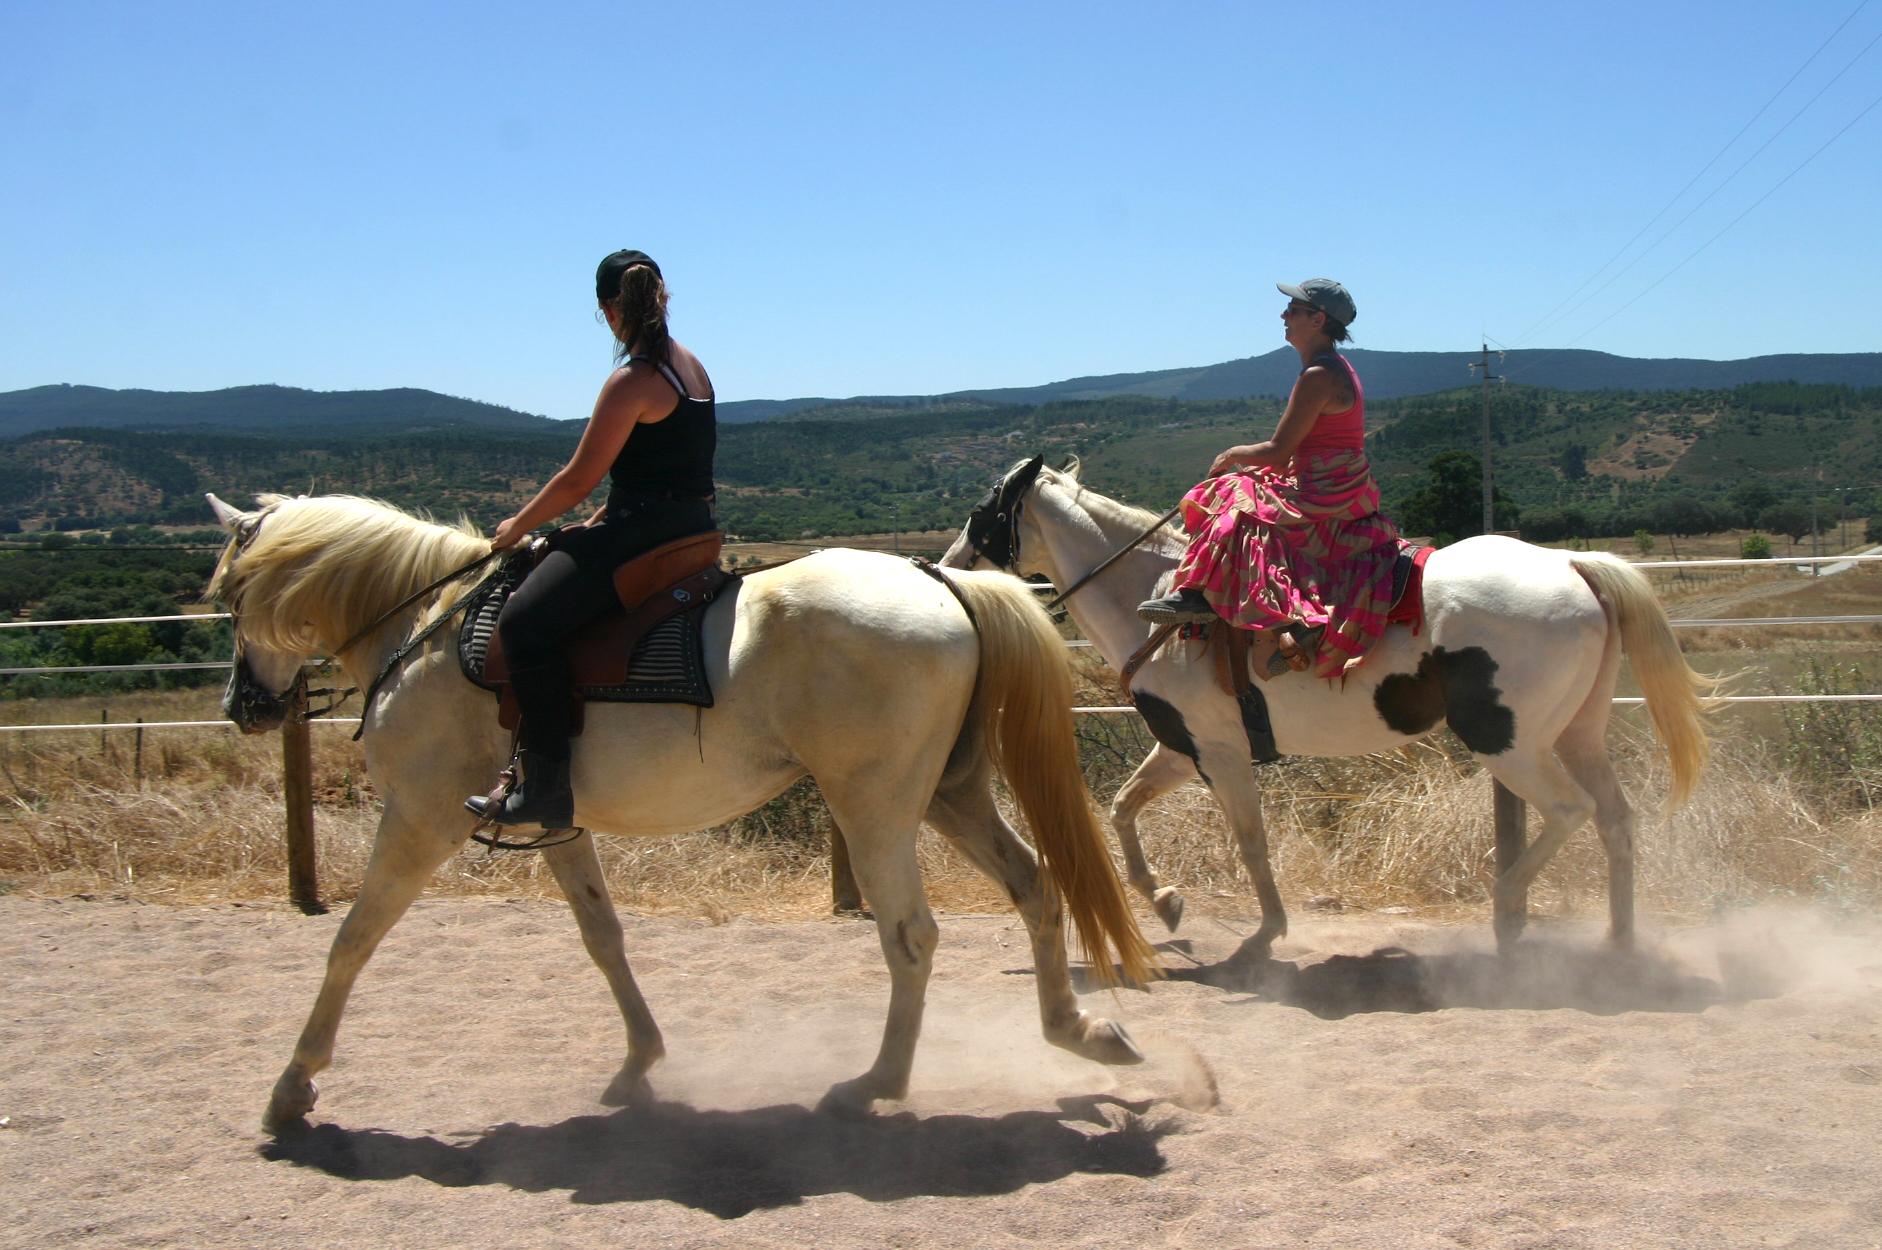 Aulas de equitação no Monte das Estevas